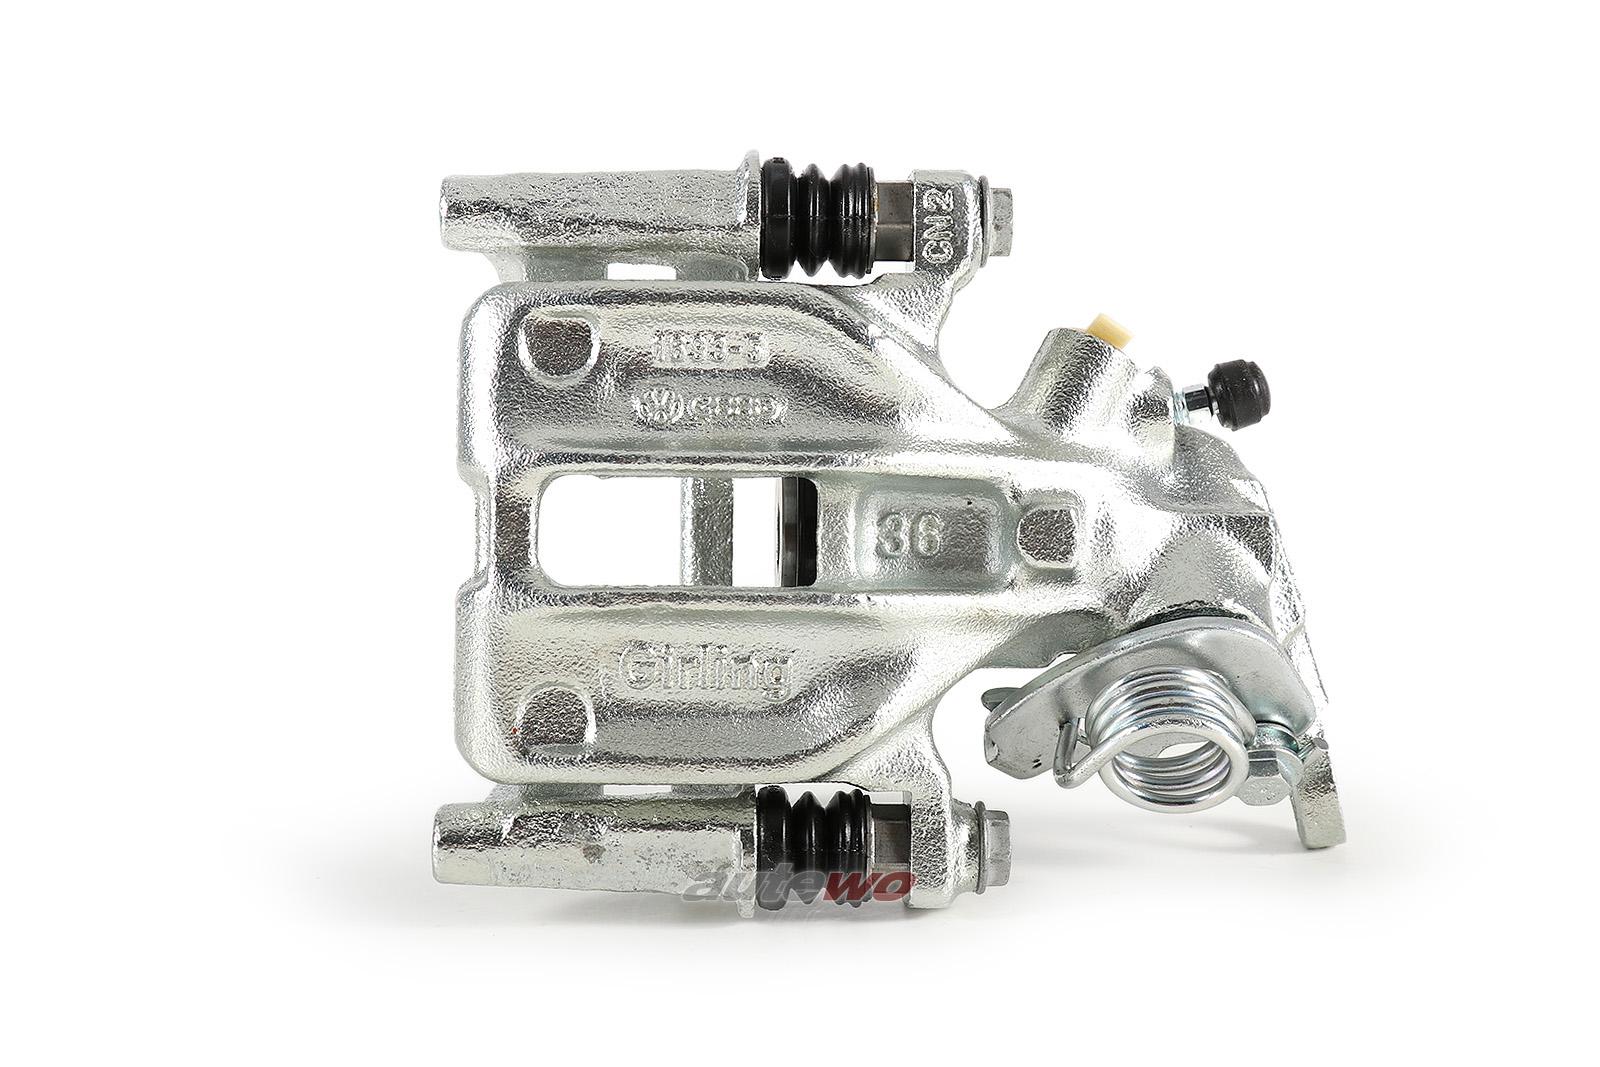 #853615424X Audi 80/90/Coupe 85/89/Urquattro/100/200 Bremssattel hinten quattro